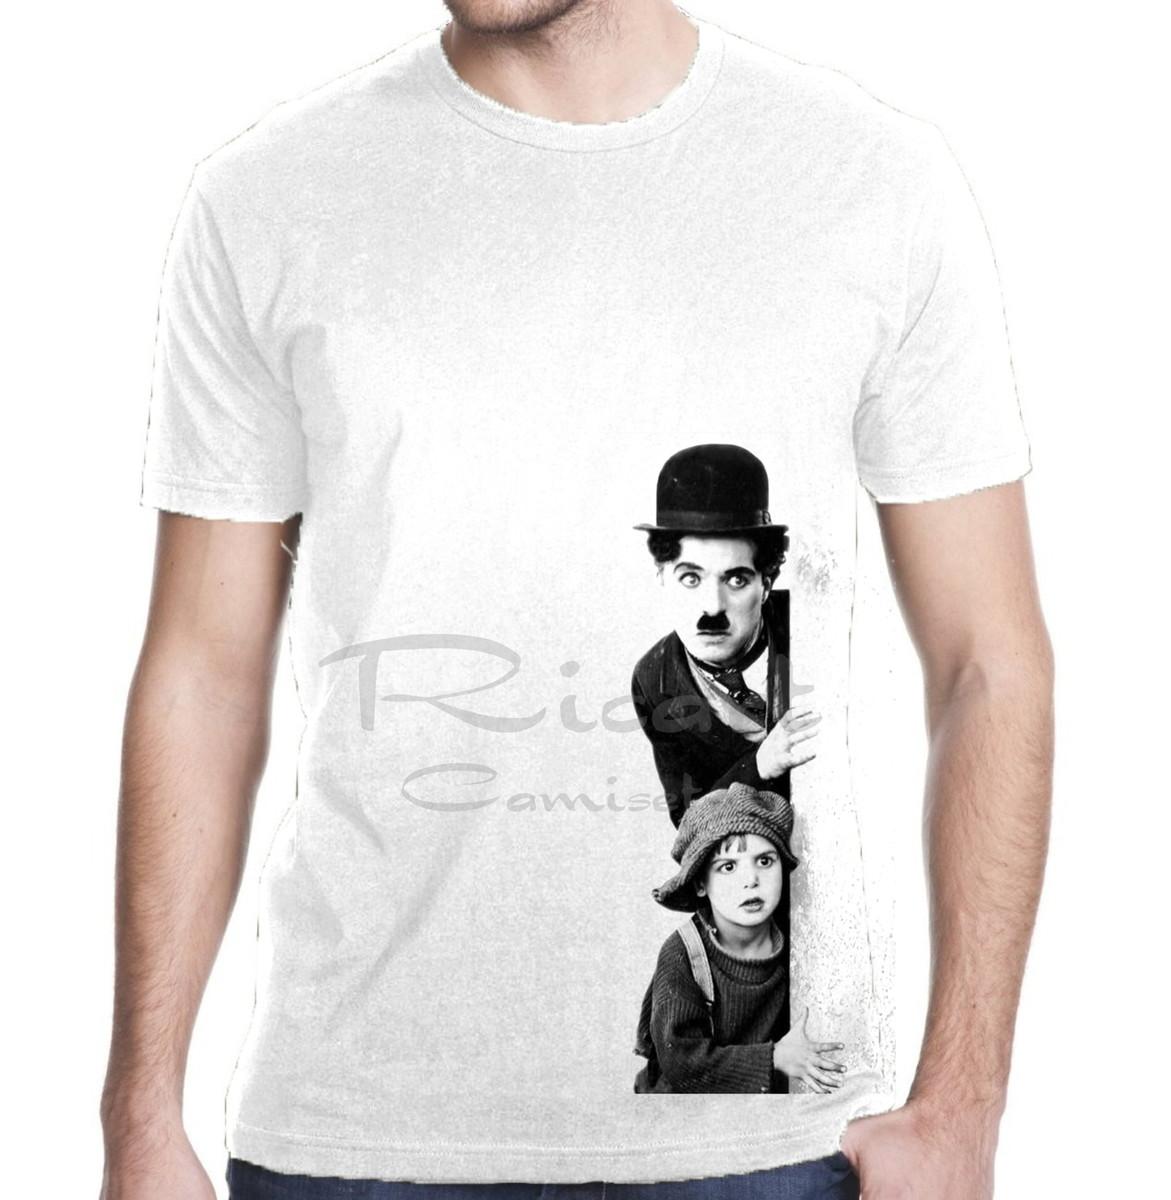 Camiseta Charlie Chaplin Filme Mod 01 no Elo7  6de6cb8b93c5f